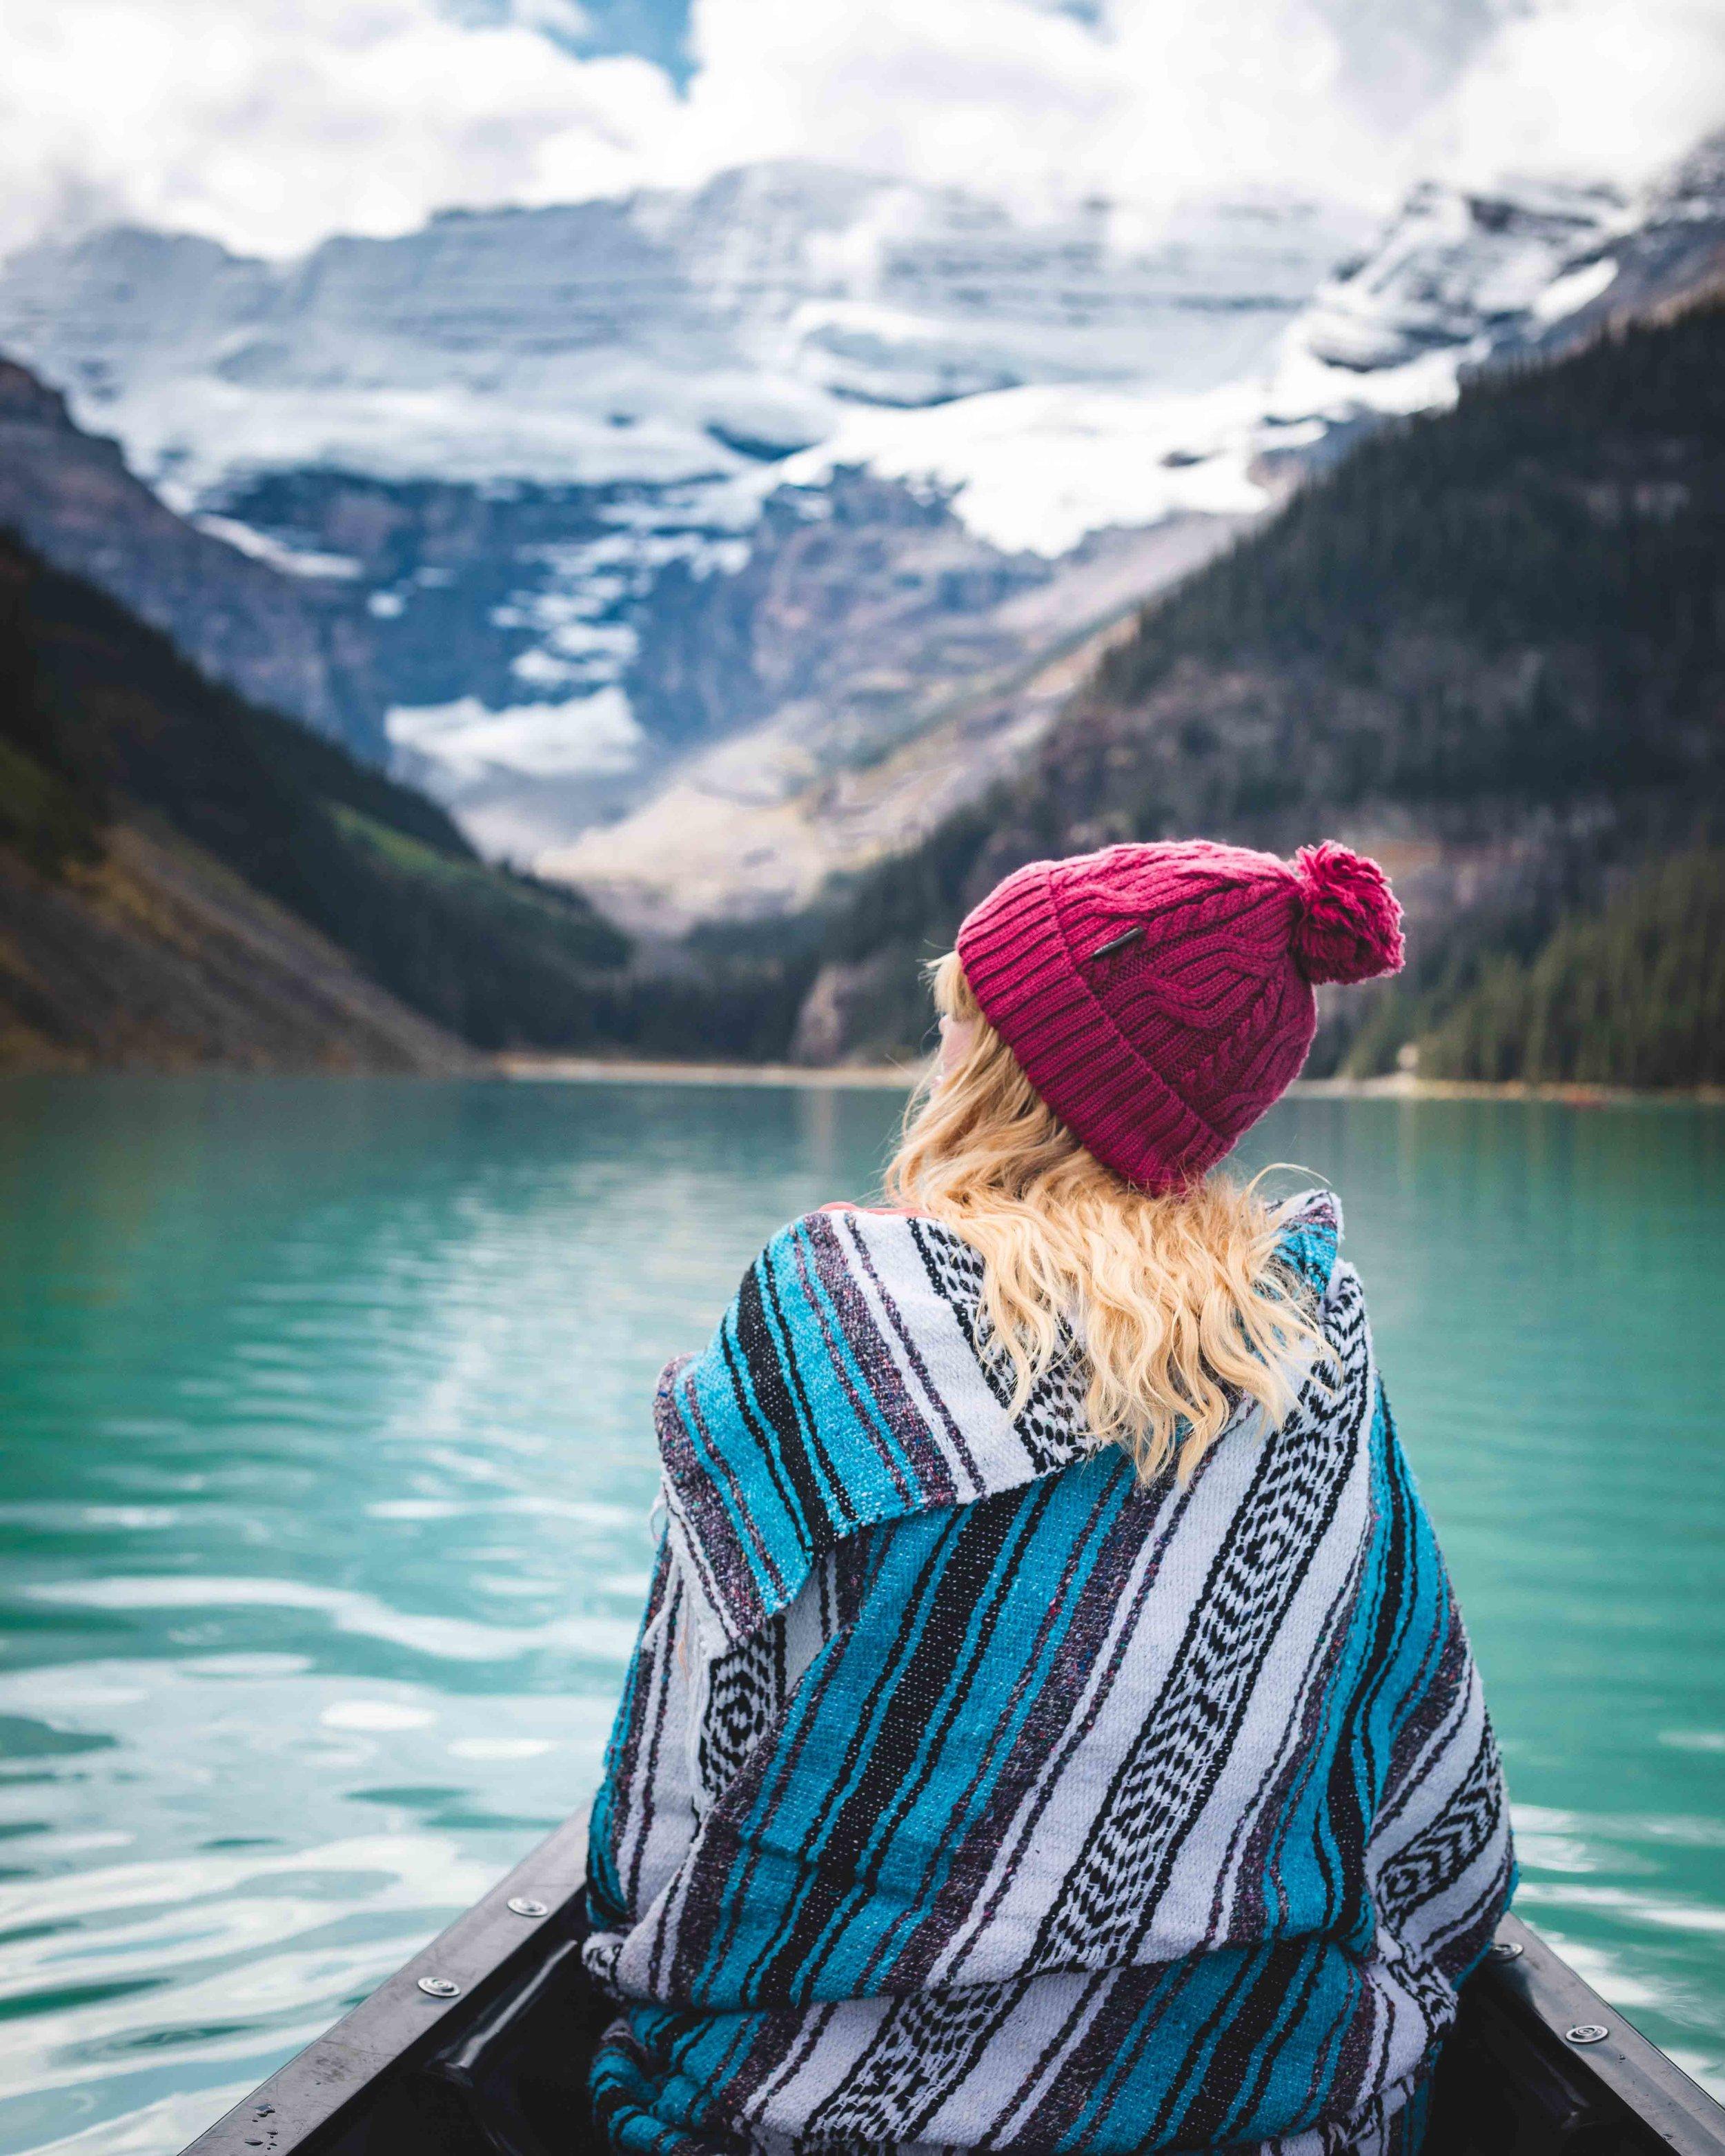 Lake Louise Canoe - Things to do in Lake Louise